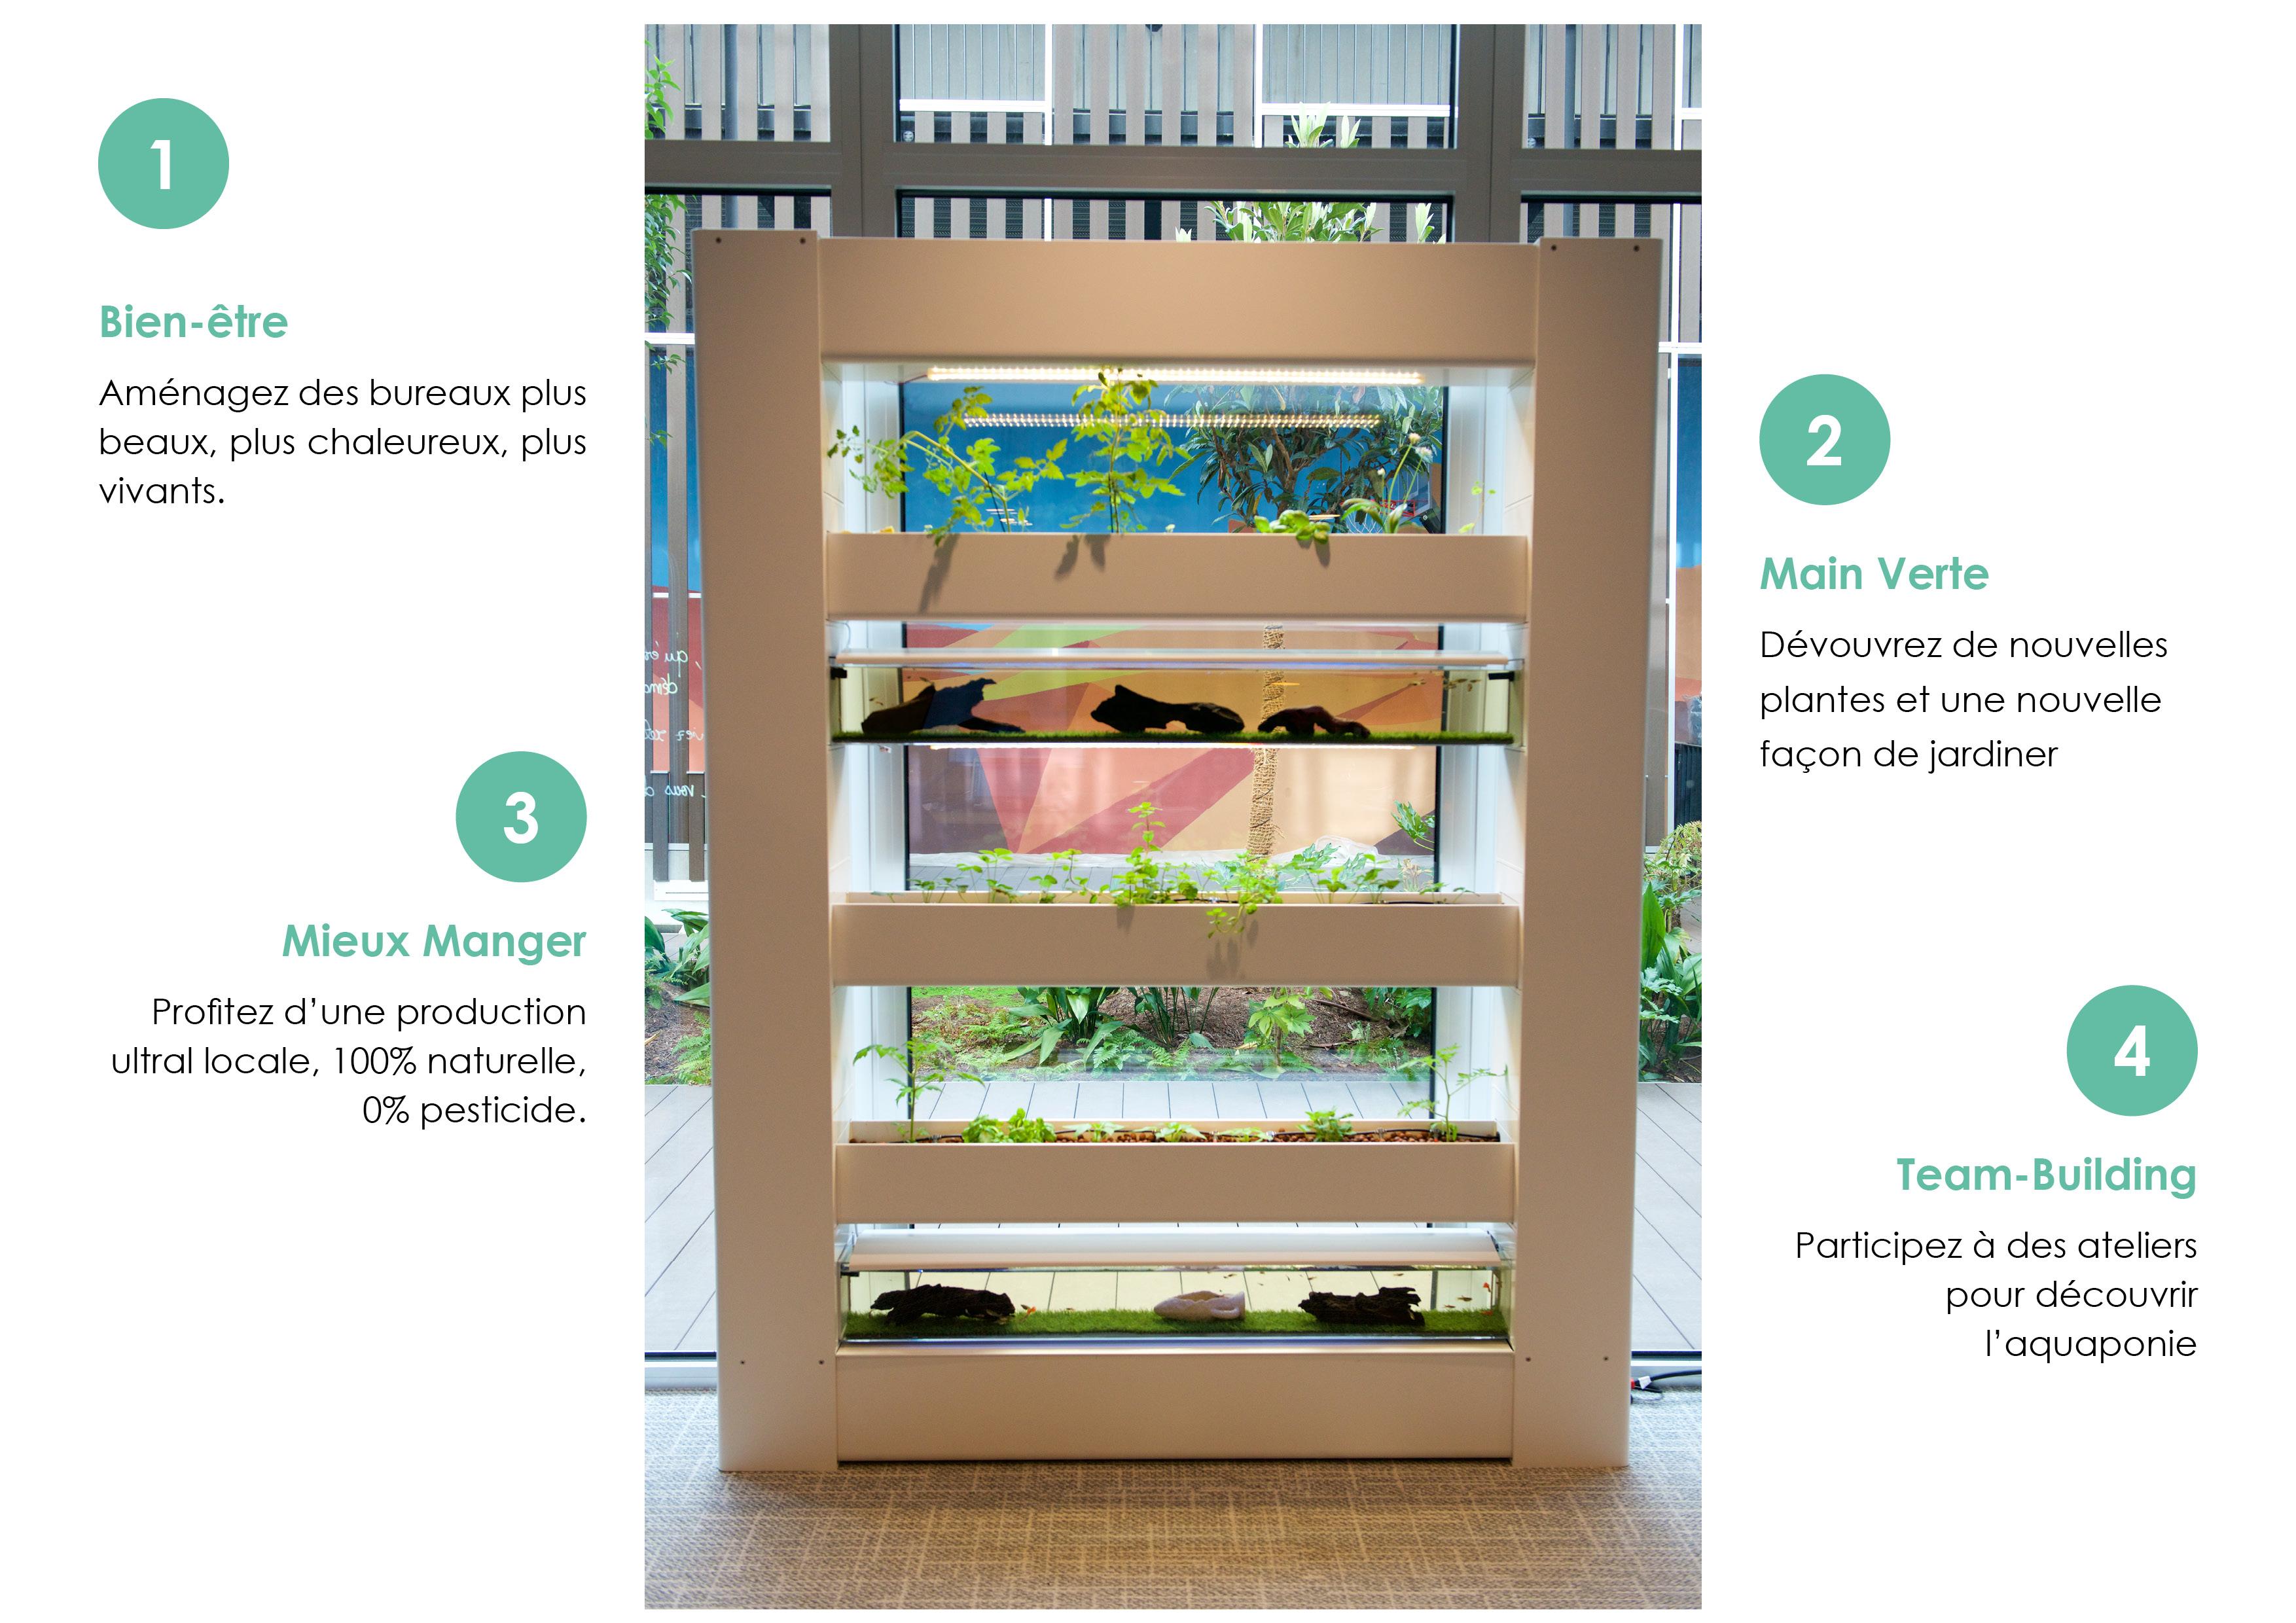 écosystème AURA : Bien-être, Main verte,  Team-building, Mieux Manger